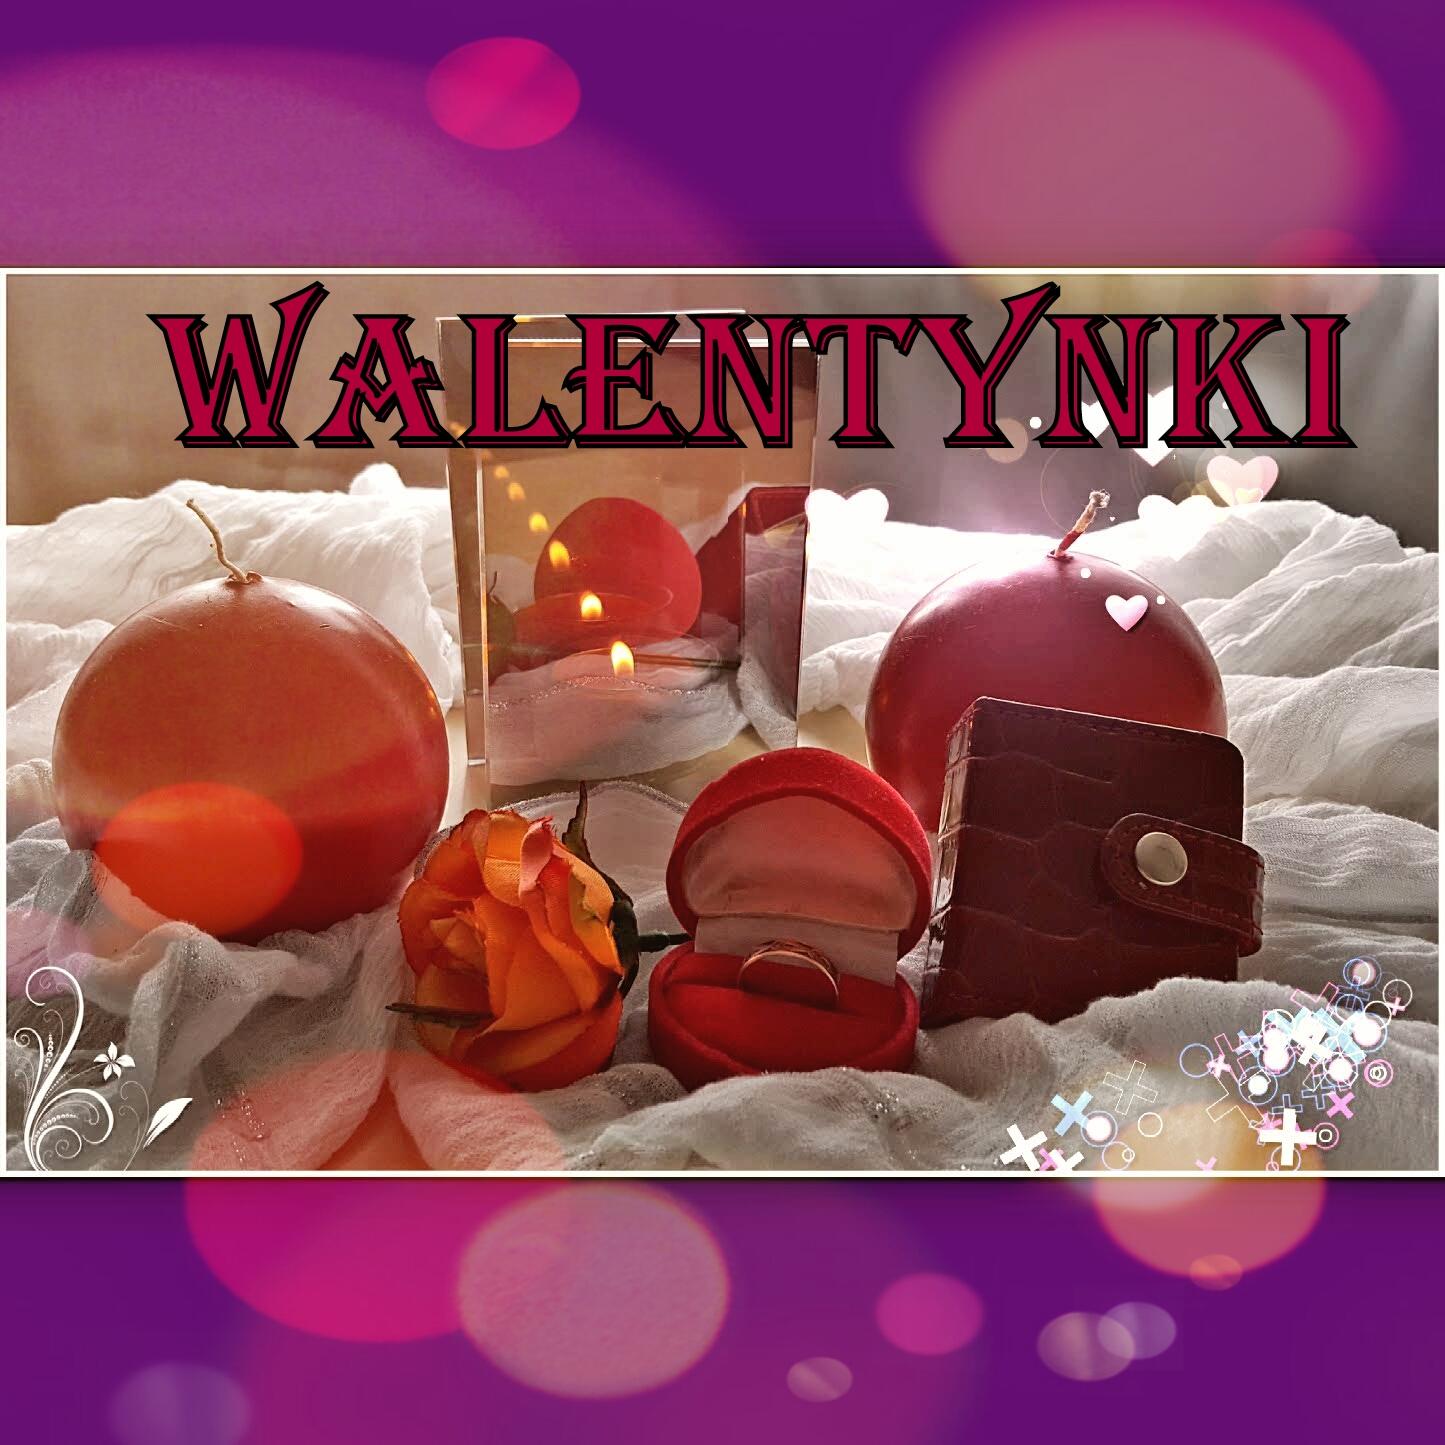 Walentynki - święto zakochanych